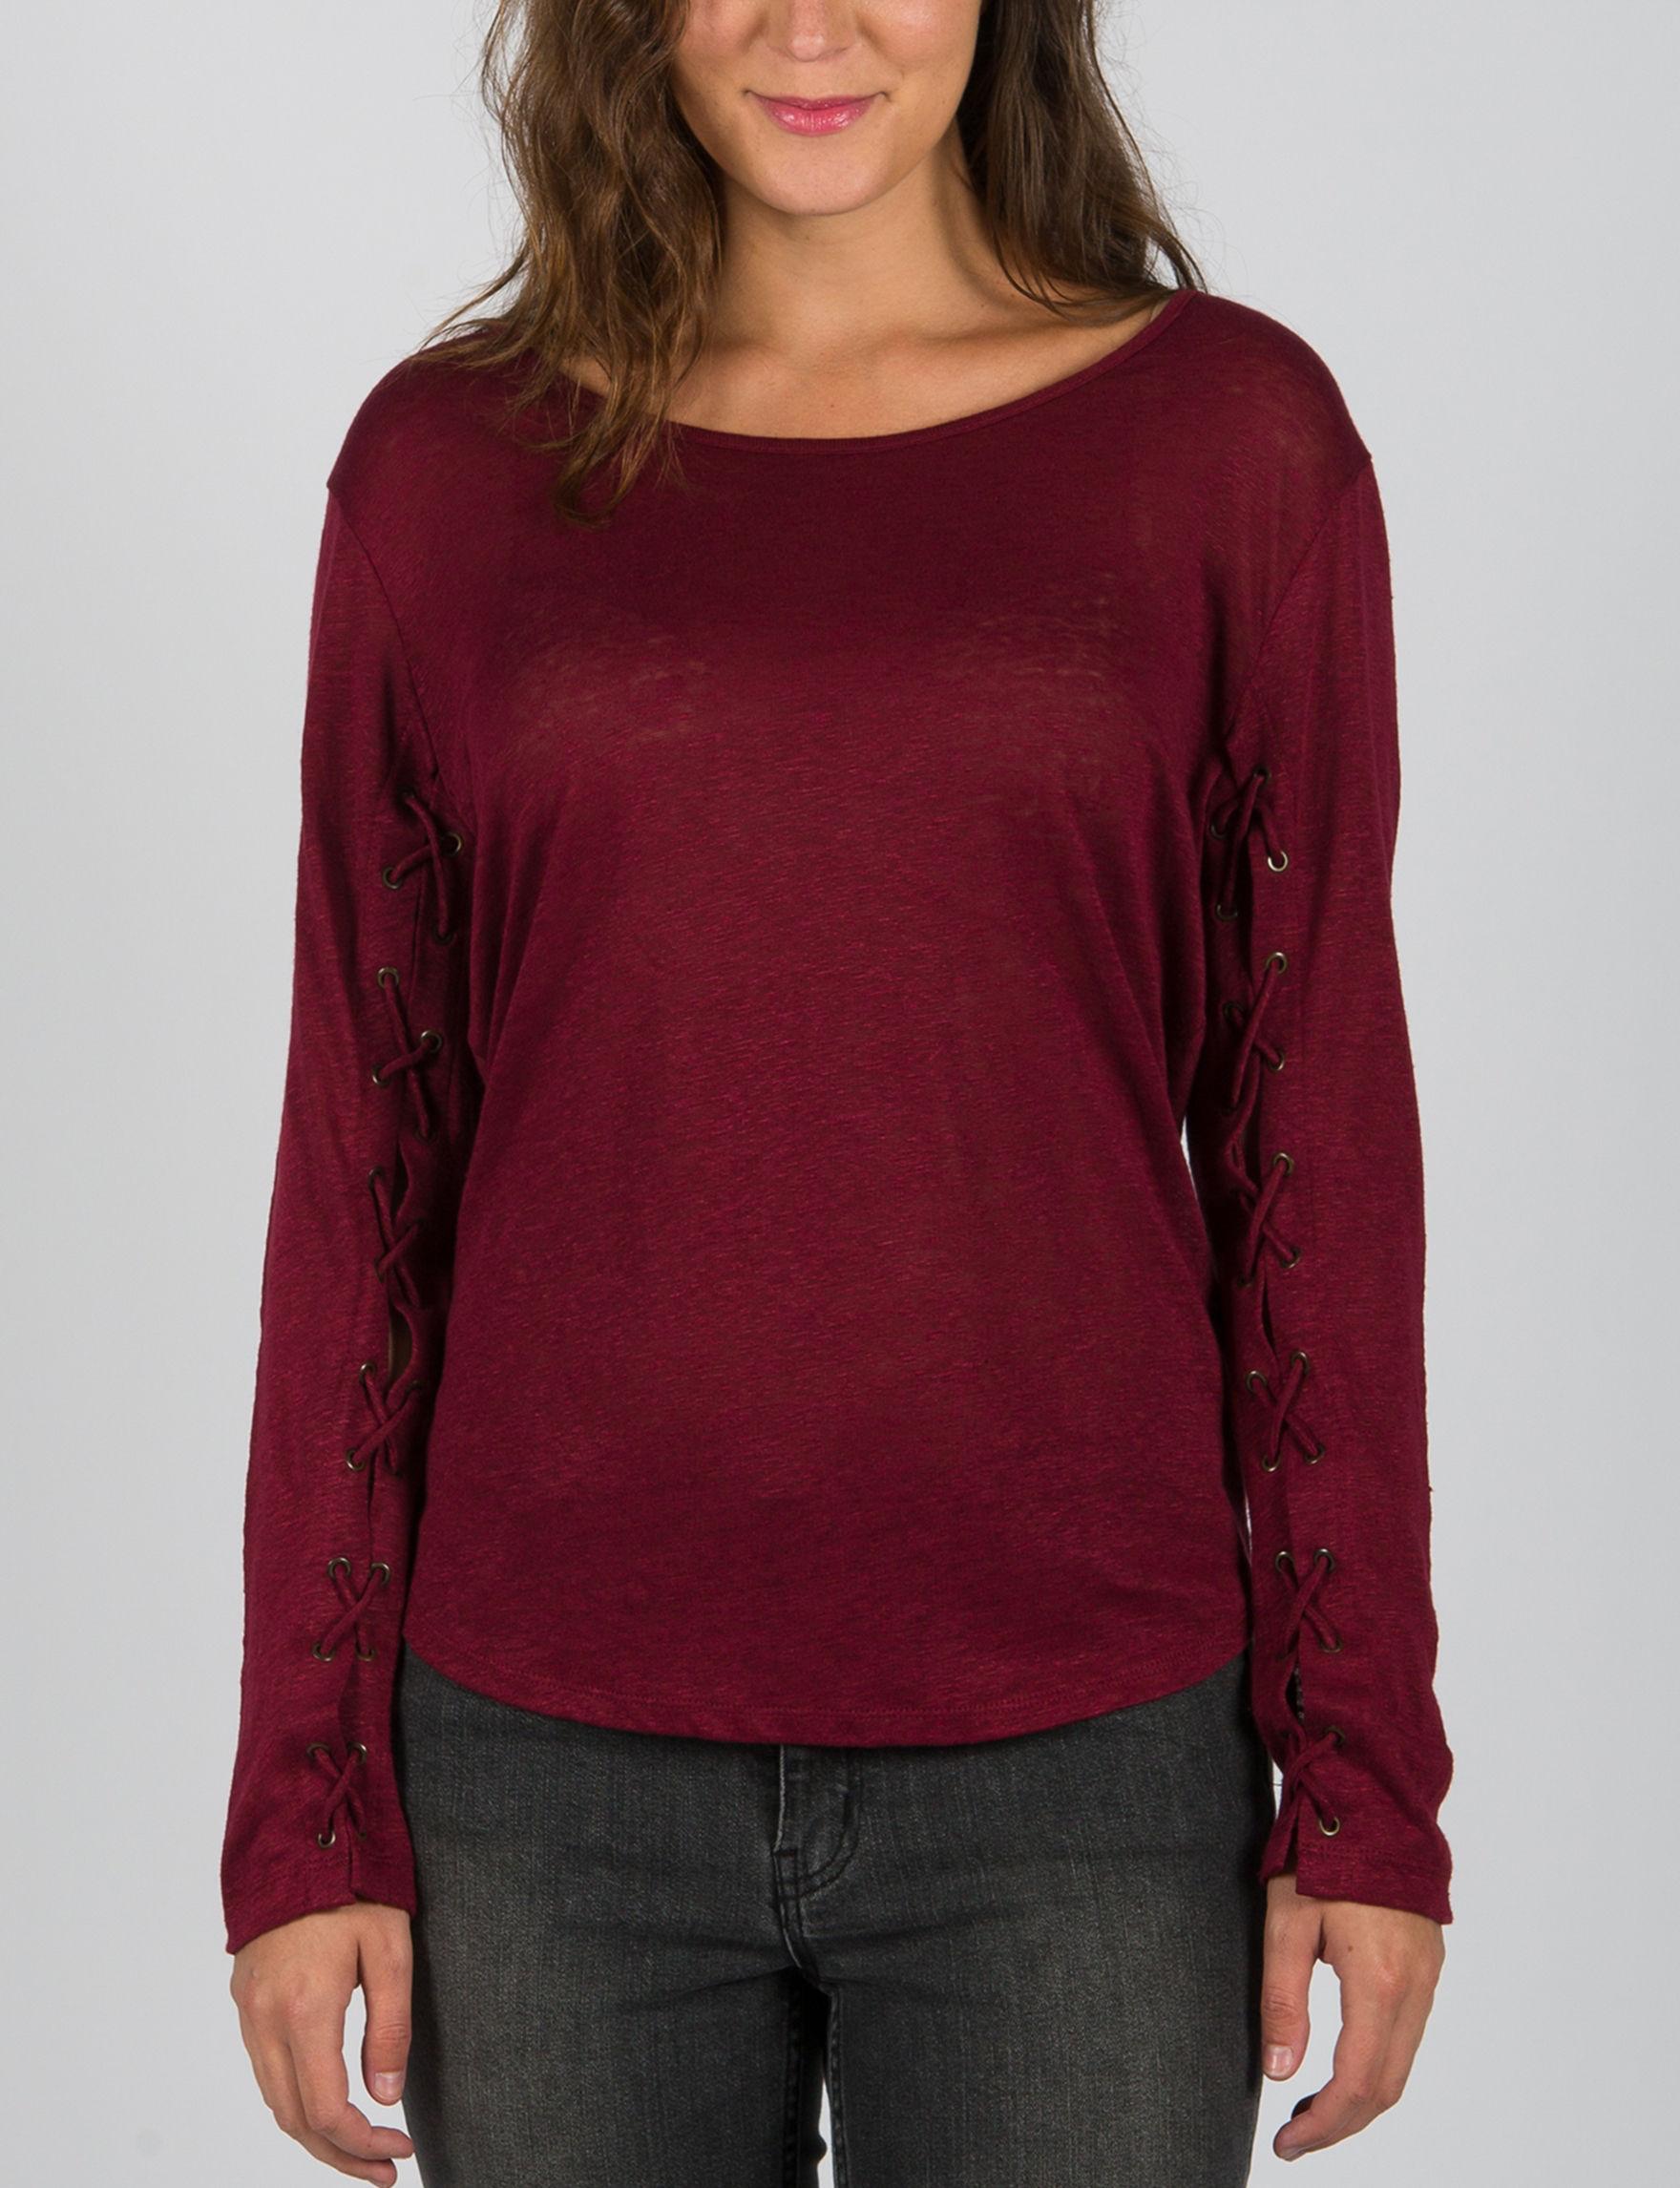 ABS by Allen Schwartz Dark Red Shirts & Blouses